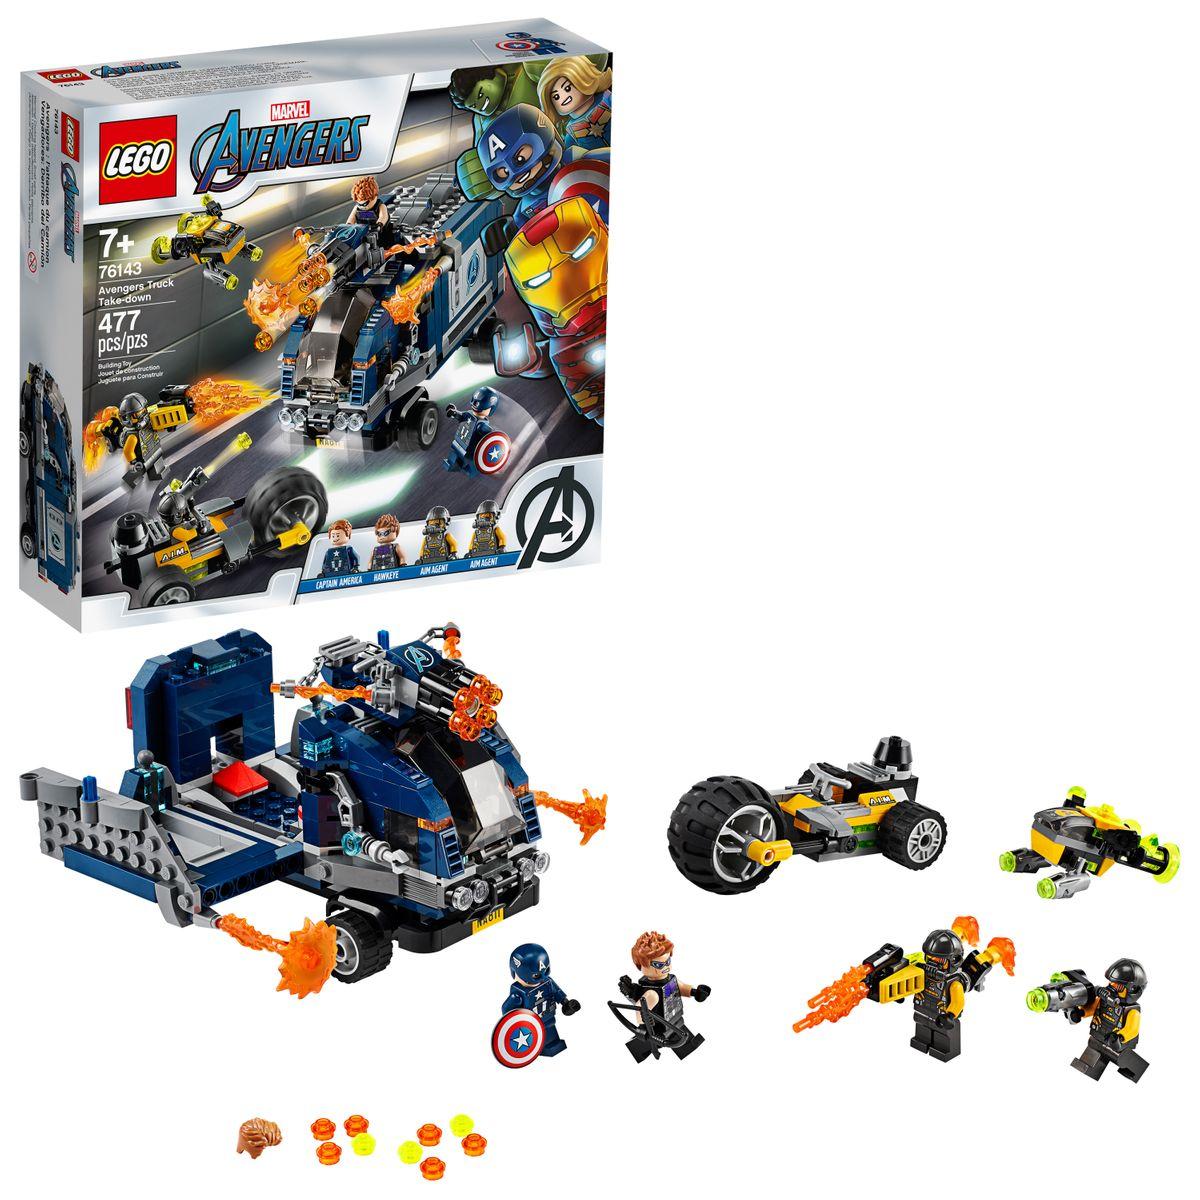 毎日激安特売で 営業中です 送料無料 LEGO レゴ マーベル アベンジャーズ キャプテン 即日出荷 ホークアイ 海外直送 477ピース アメリカ 76143